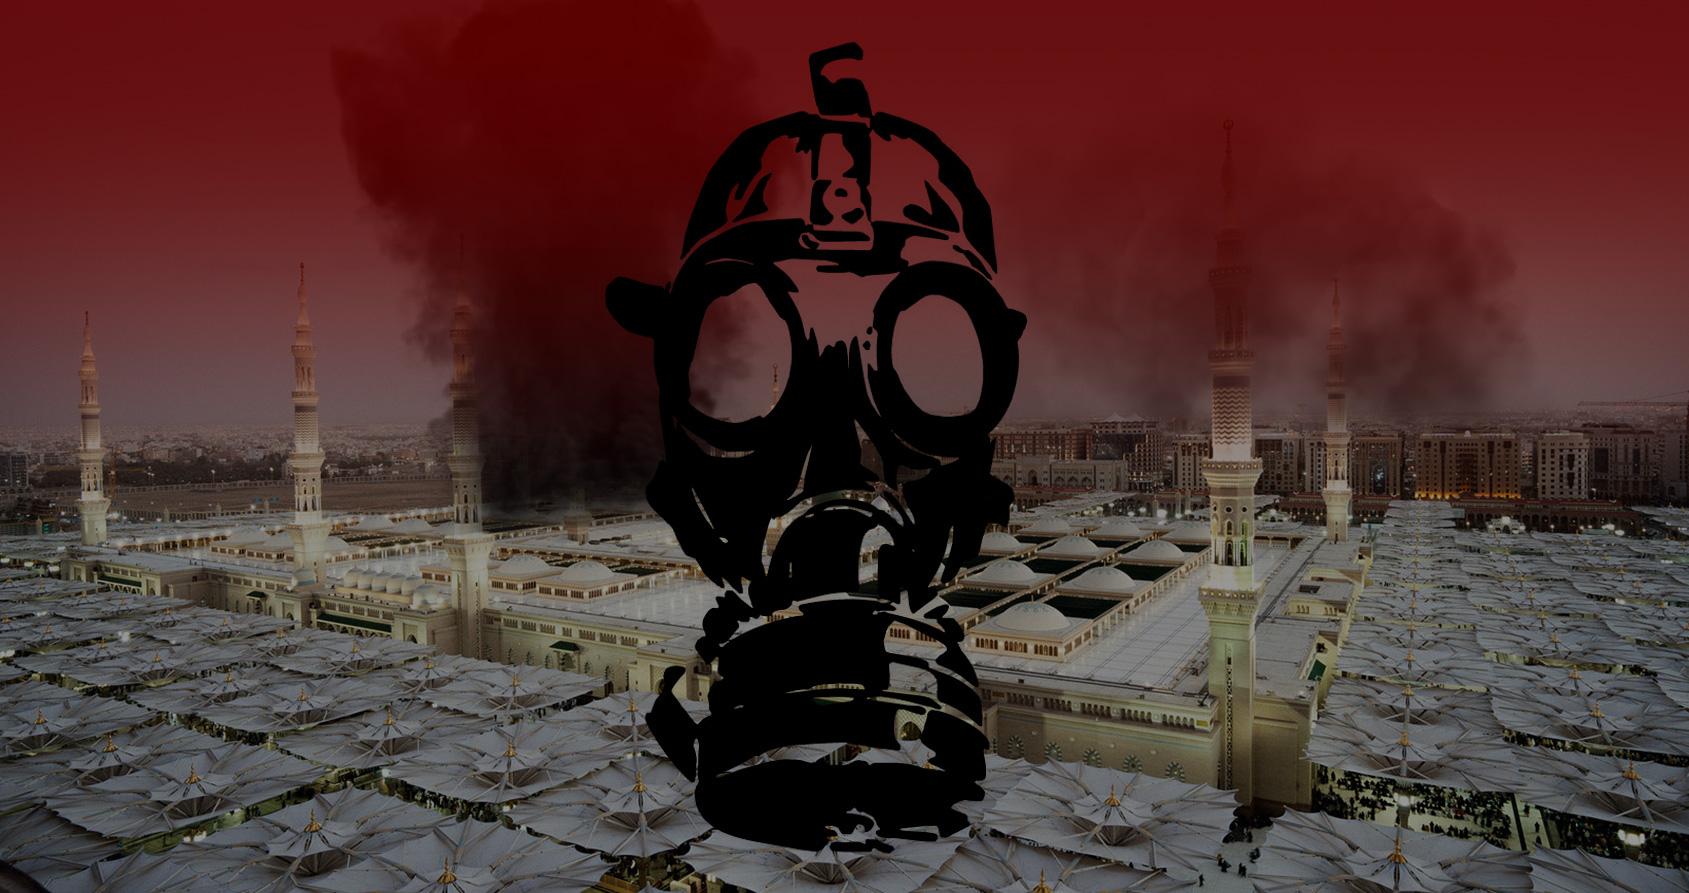 Le siège de La Mecque : en 1979 des terroristes prennent d'assaut la Grande Mosquée